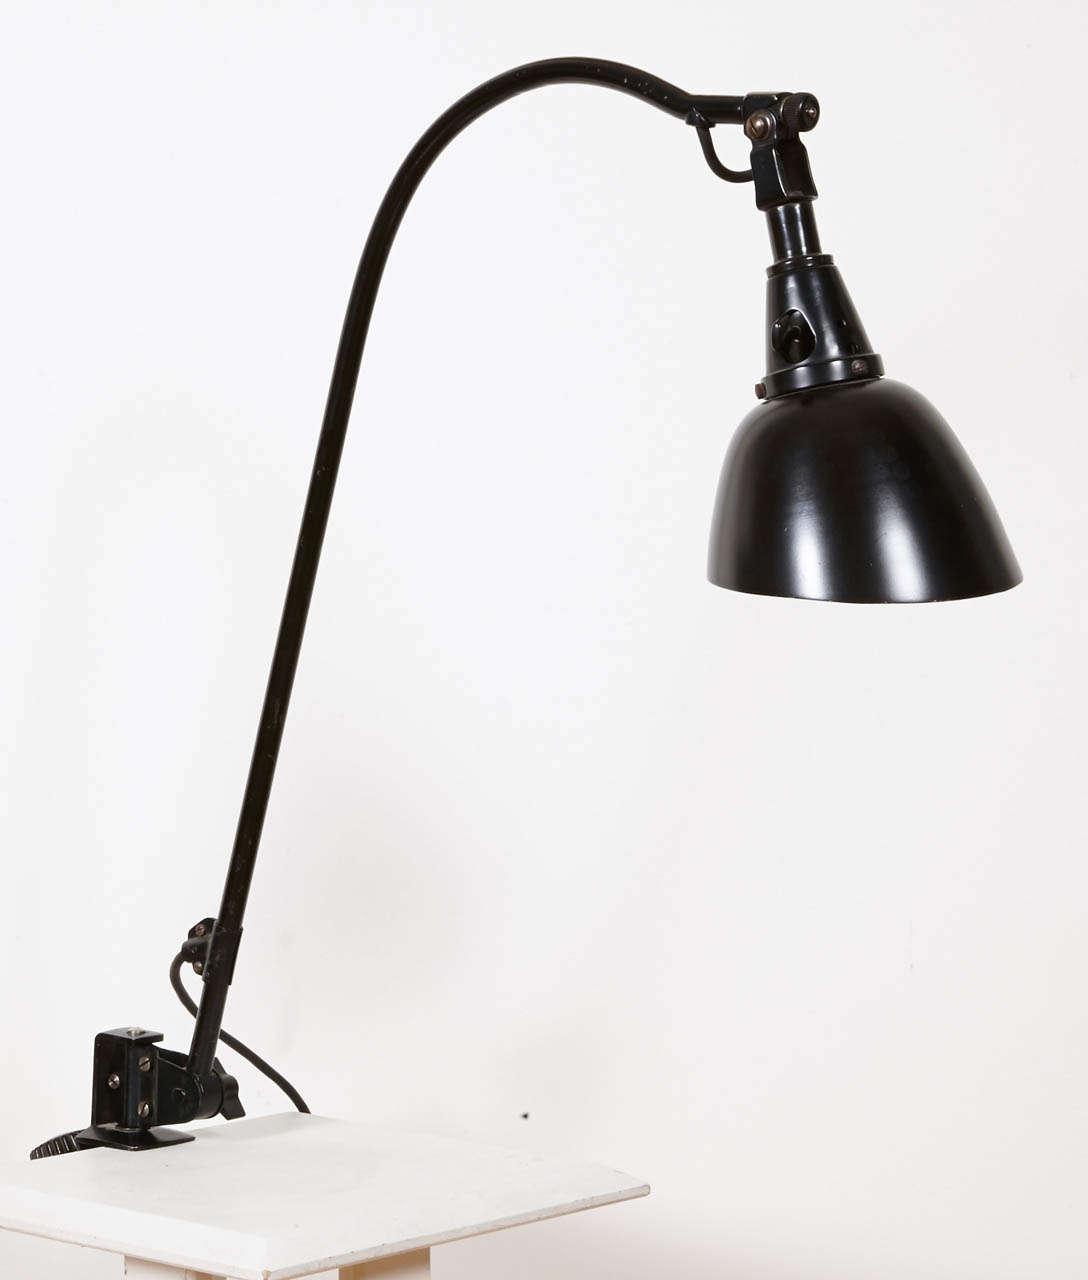 Bauhaus Midgard Task Light by Curt Fischer, circa 1923-1925 1